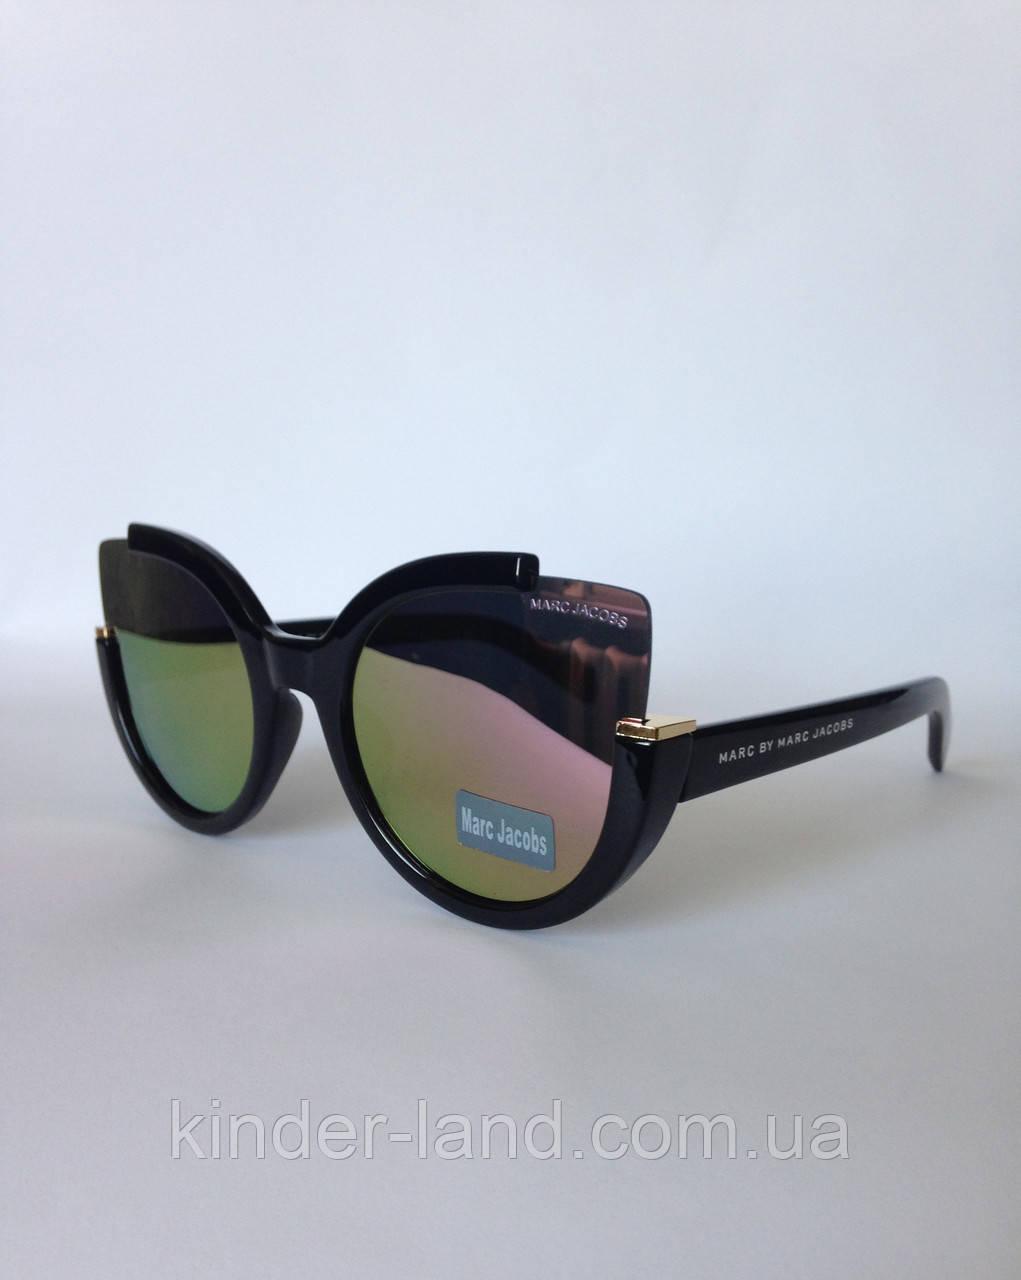 Купить очки марк якобс женские солнцезащитные